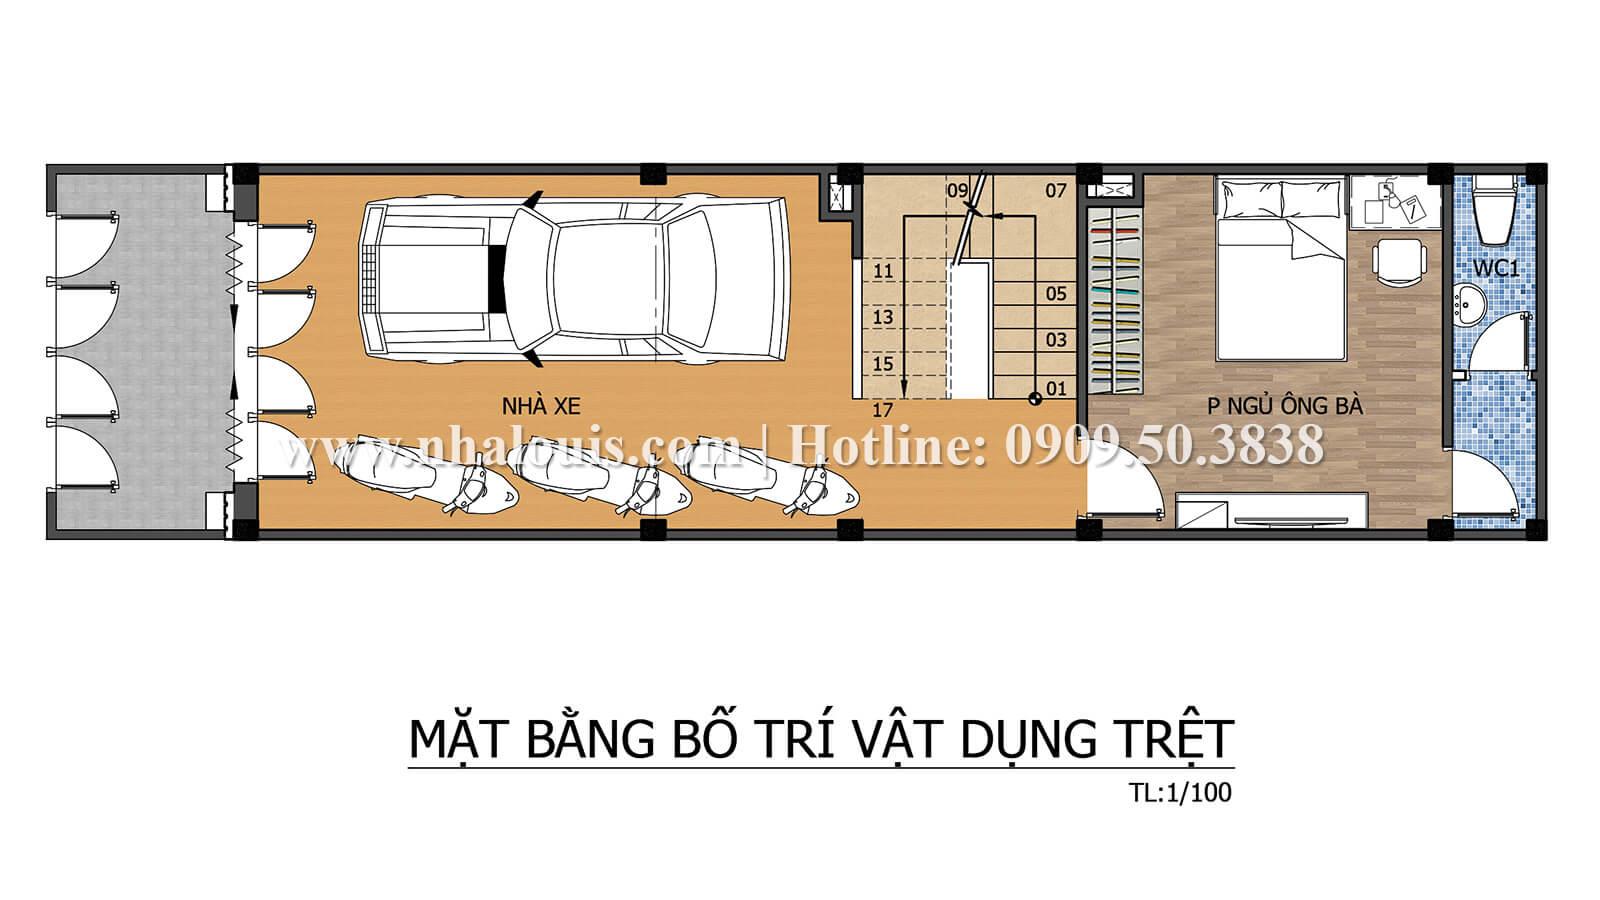 Mặt bằng tầng trệt Thiết kế nhà ống có tầng lửng phong cách tân cổ điển tại Quận 6 - 04